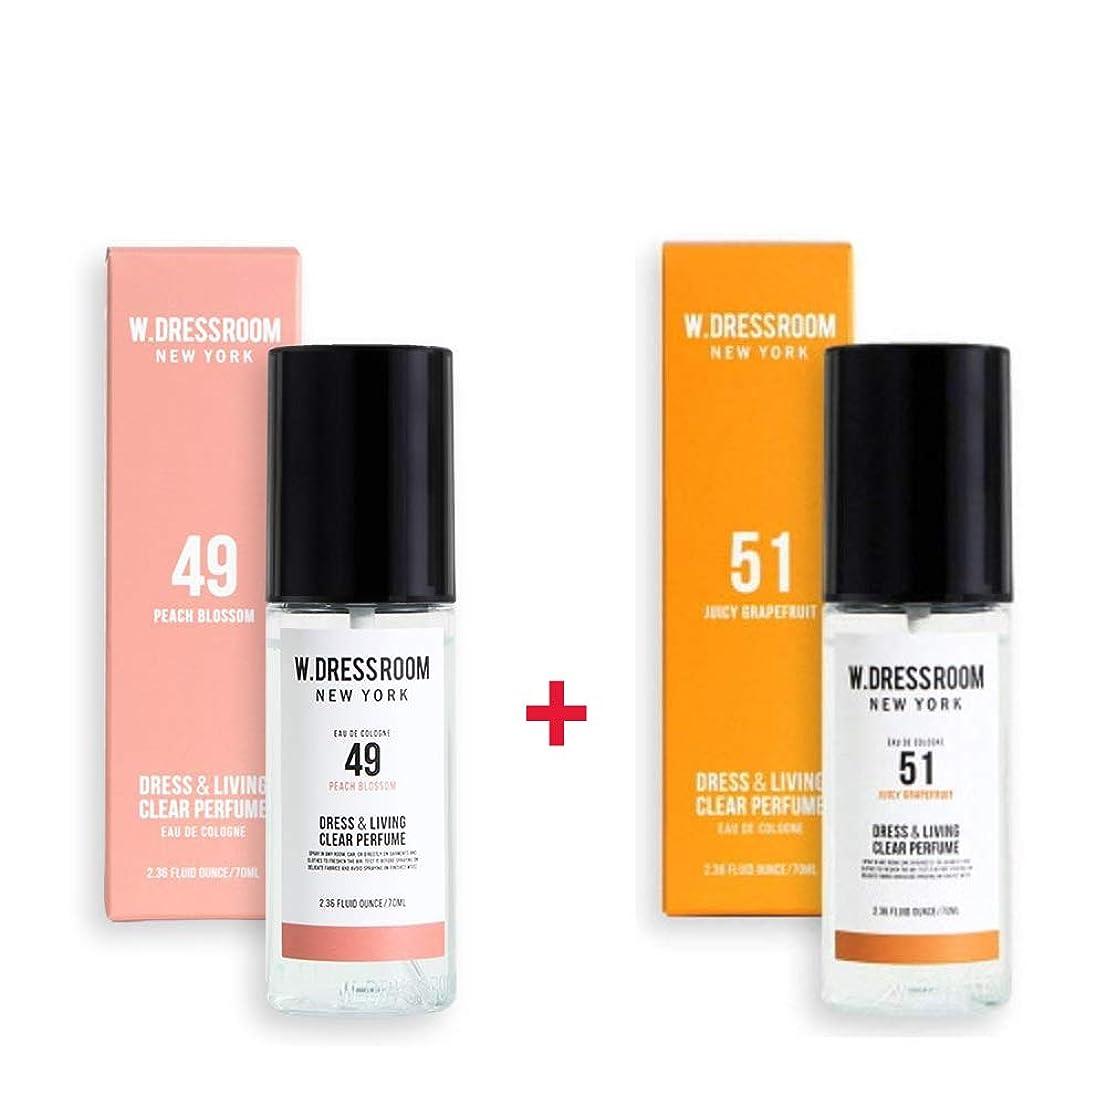 批評教科書コーチW.DRESSROOM Dress & Living Clear Perfume 70ml (No 49 Peach Blossom)+(No 51 Juicy Grapefruit)